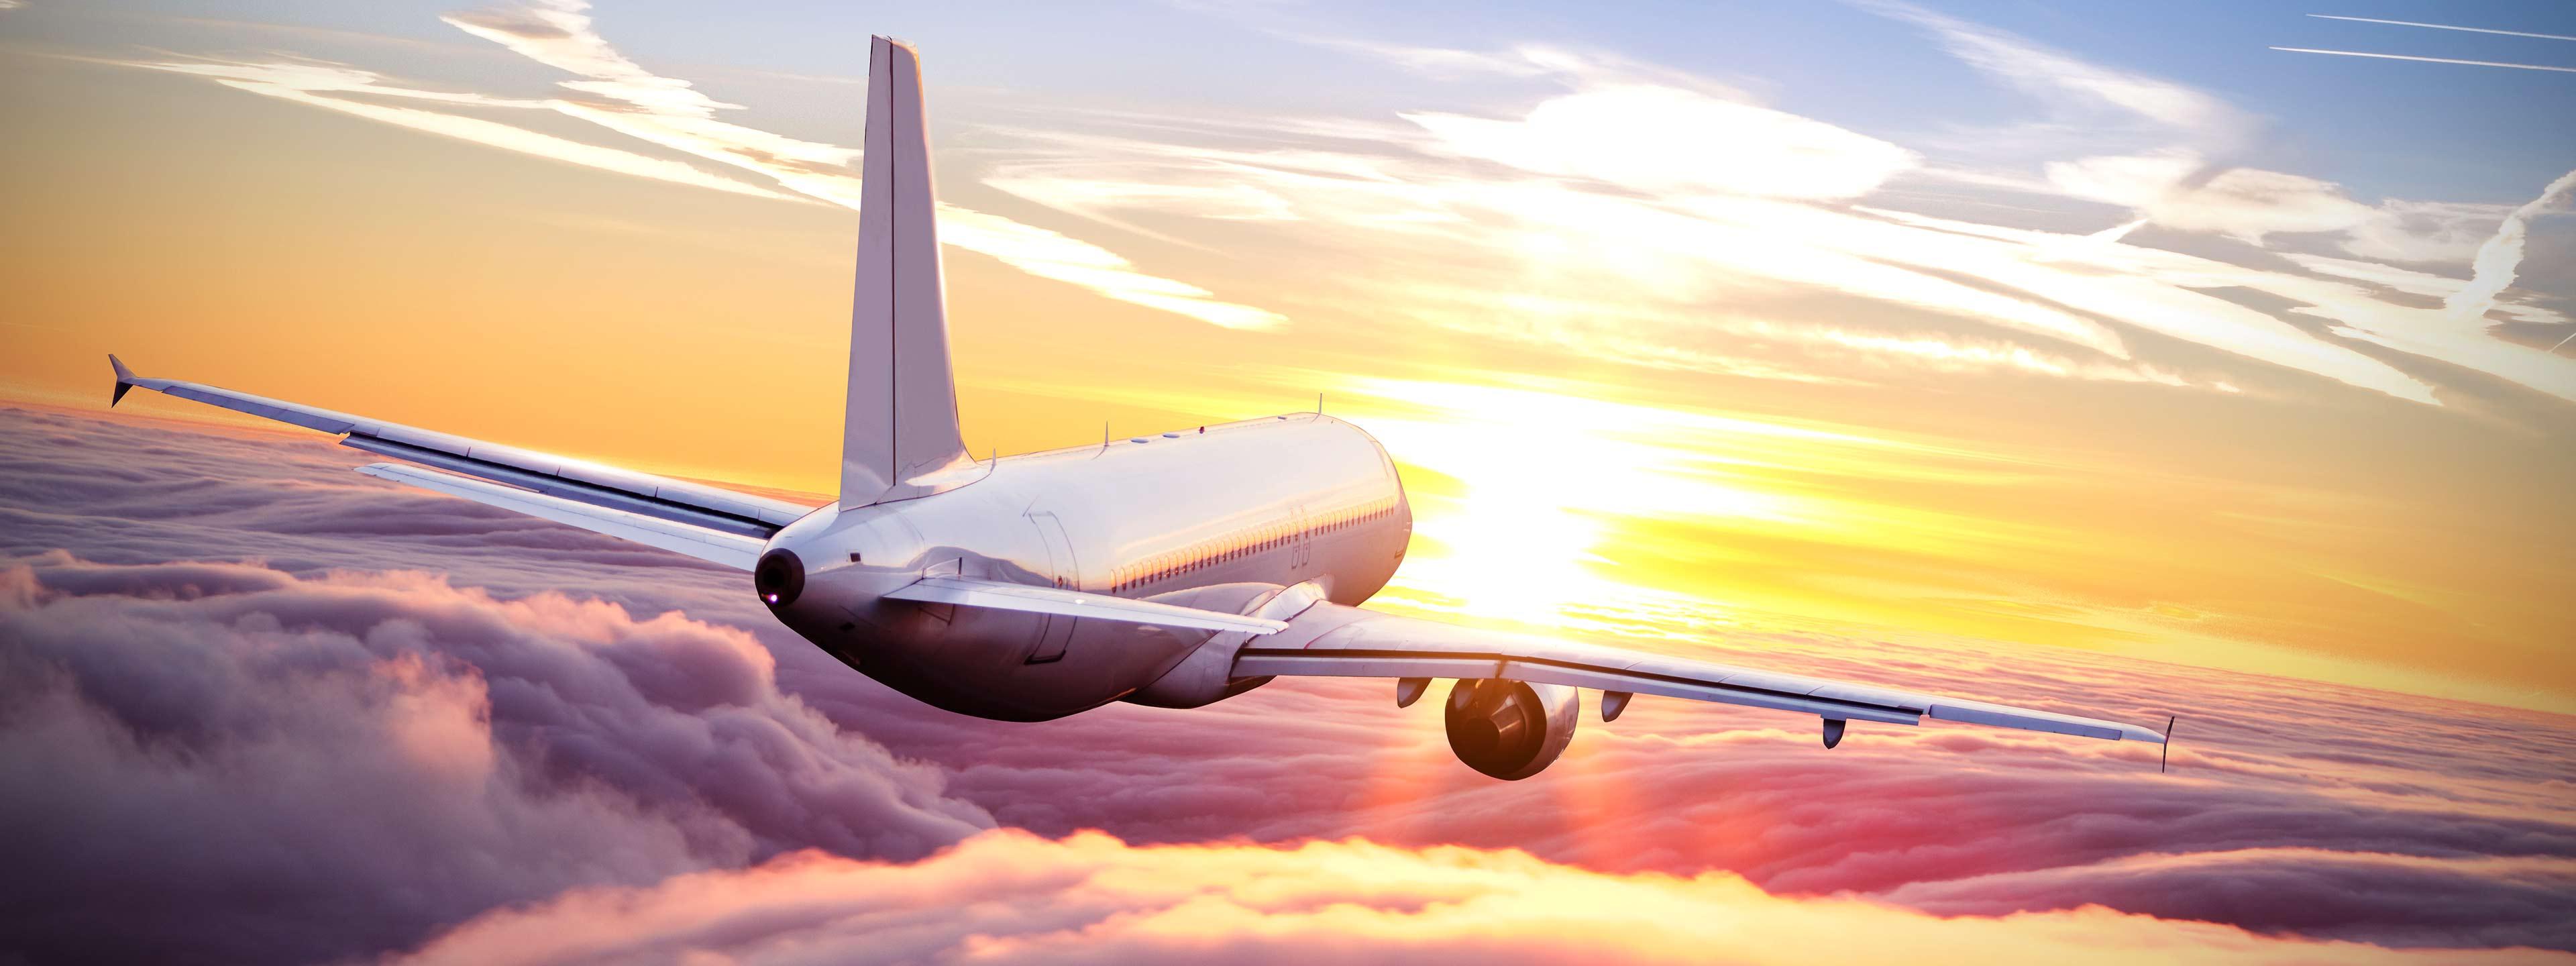 Kreuzfahrten mit Flug bei weg.de günstig buchen und entspannt urlauben